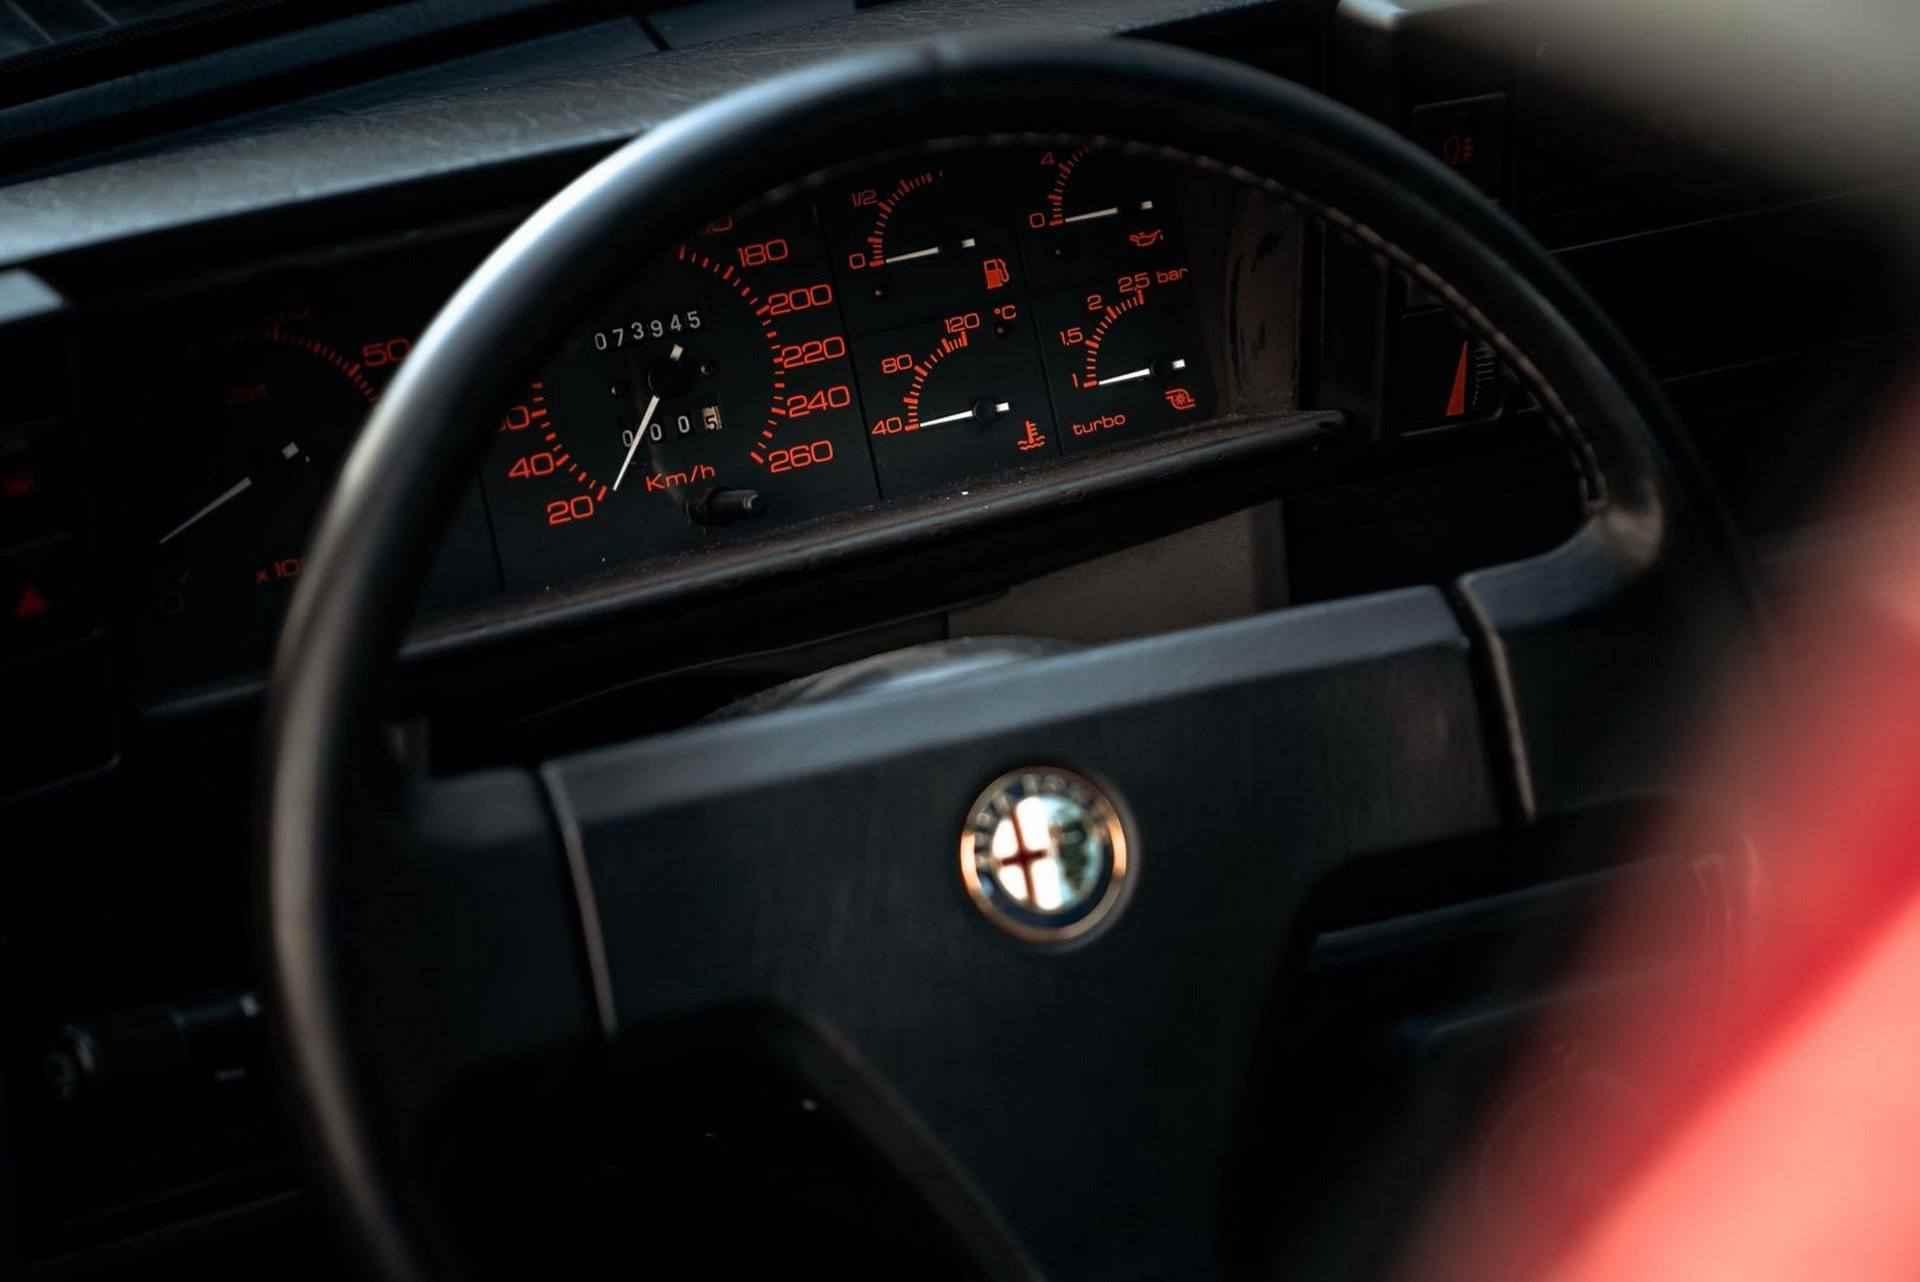 1987_Alfa_Romeo_75_Turbo_Evoluzione_sale-0022